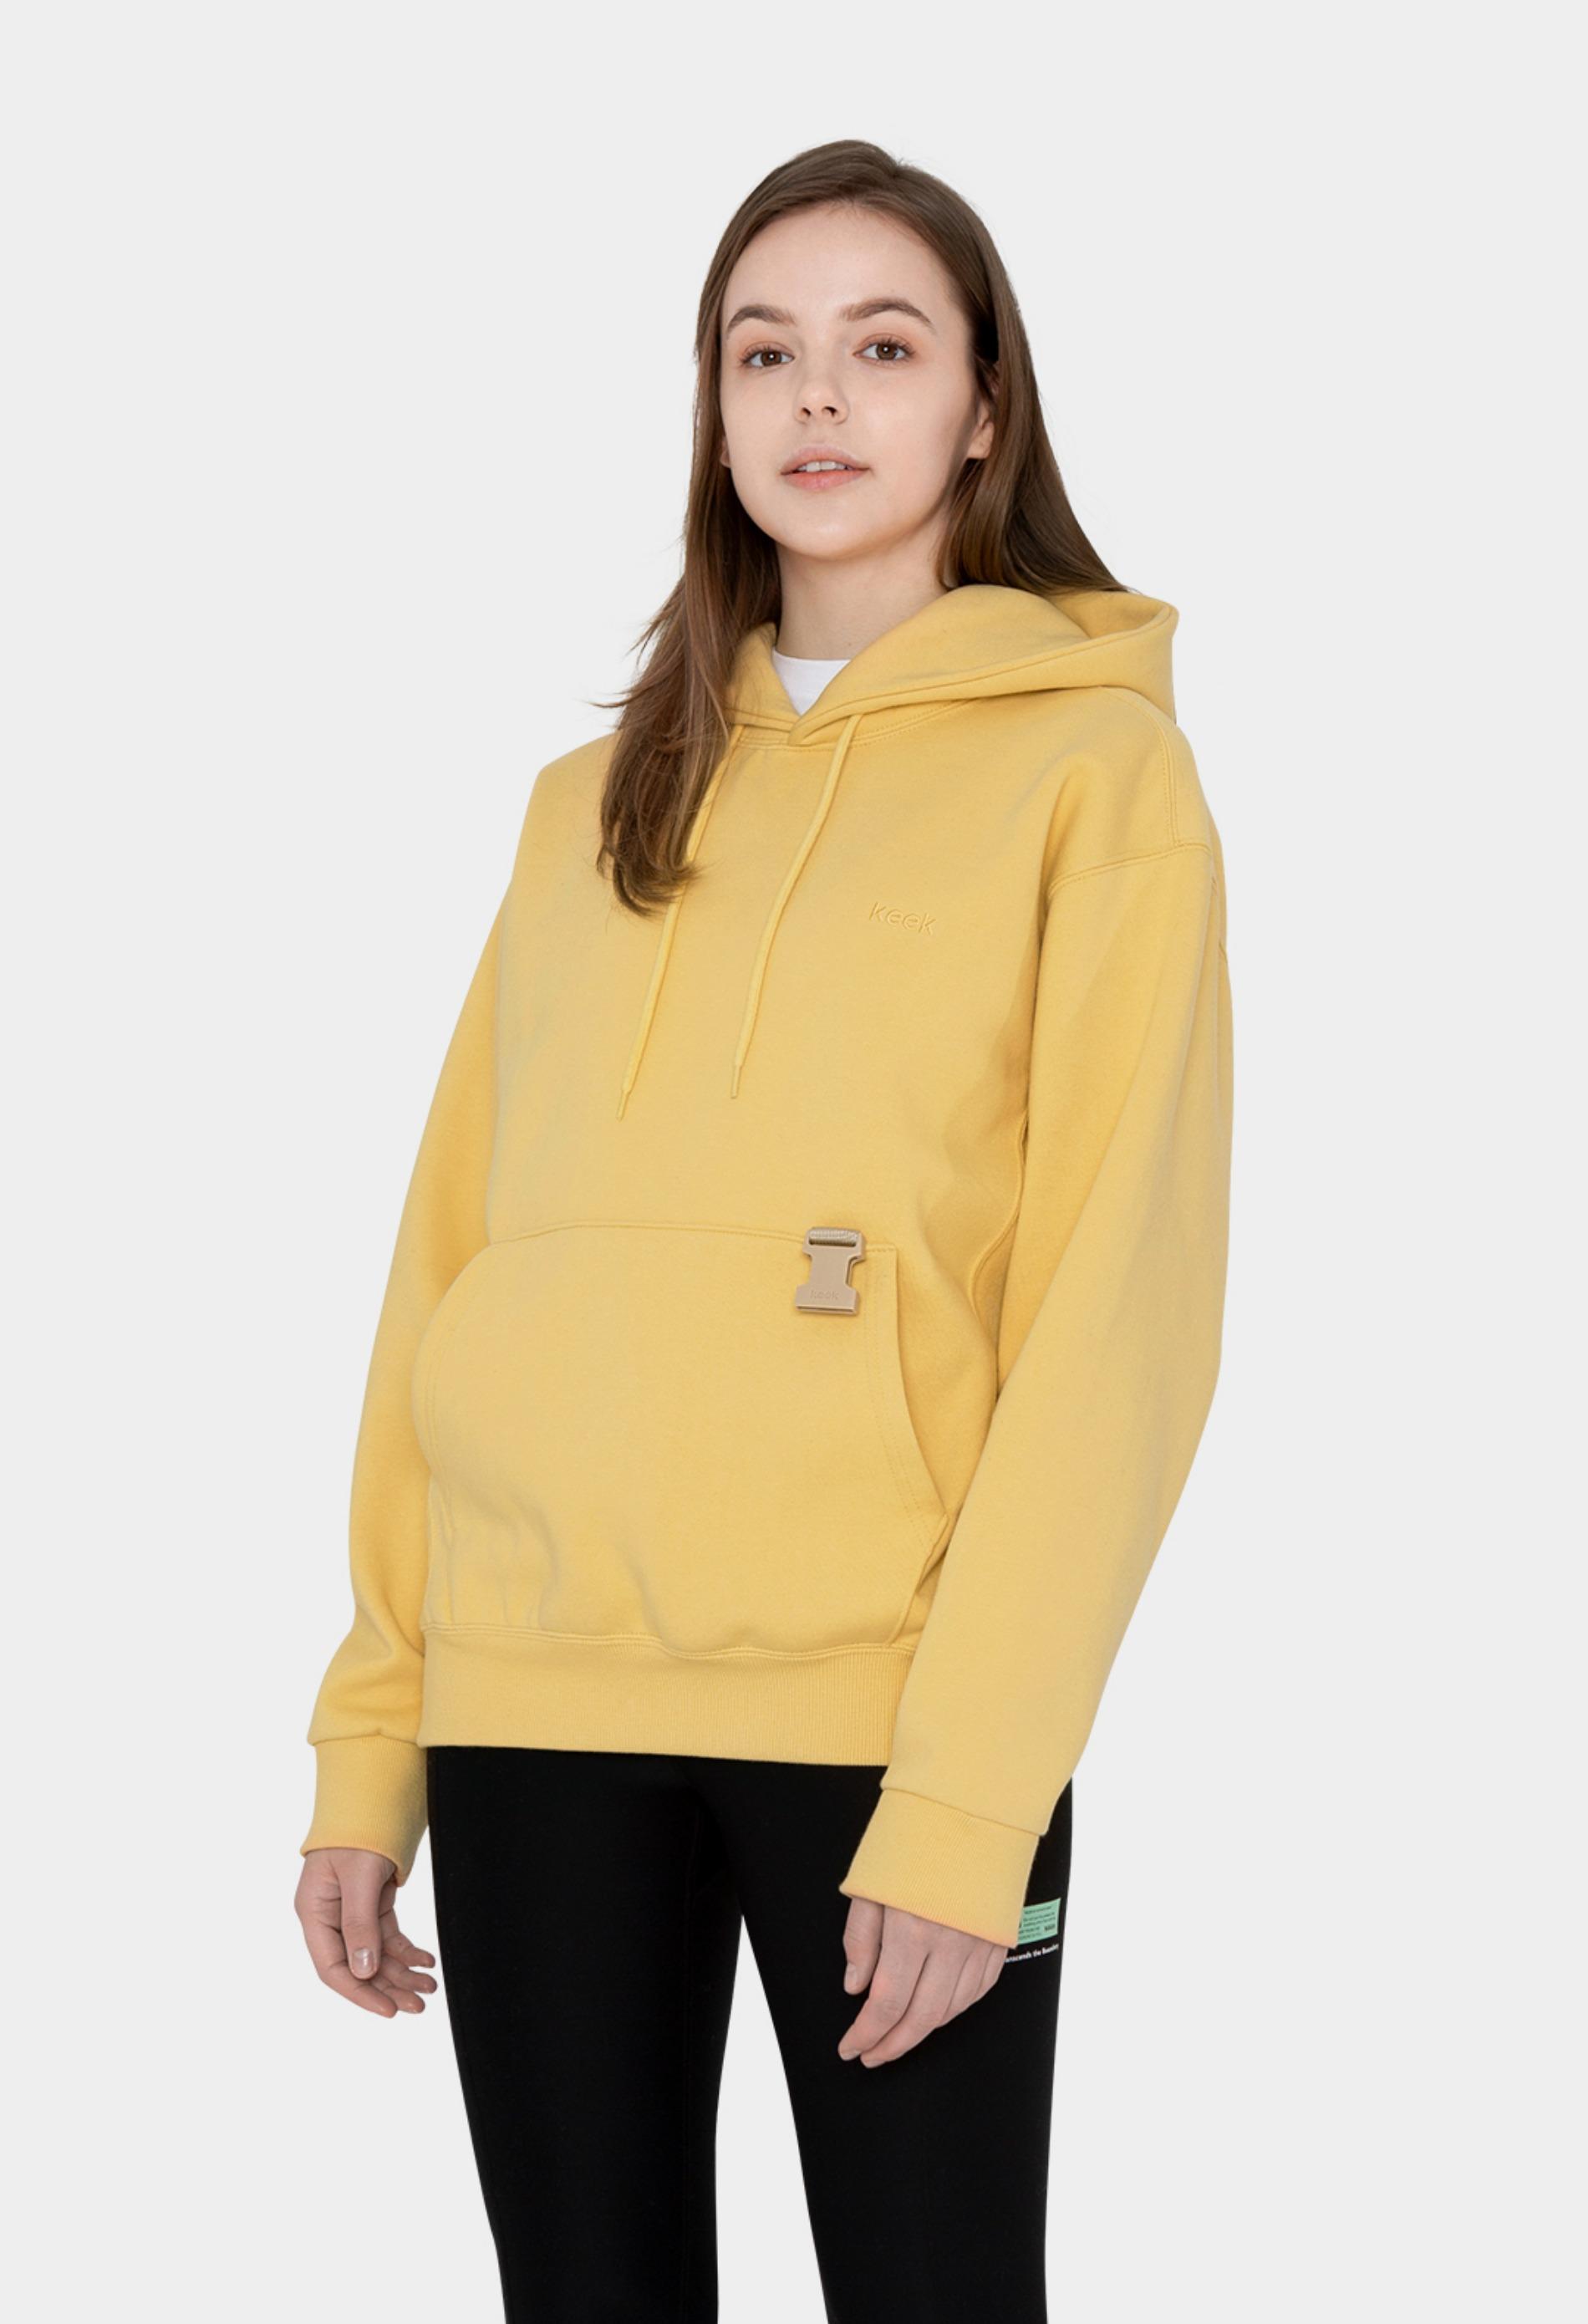 keek [Unisex] 2019 Buckle Hoodie - Yellow 스트릿패션 유니섹스브랜드 커플시밀러룩 남자쇼핑몰 여성의류쇼핑몰 후드티 힙색